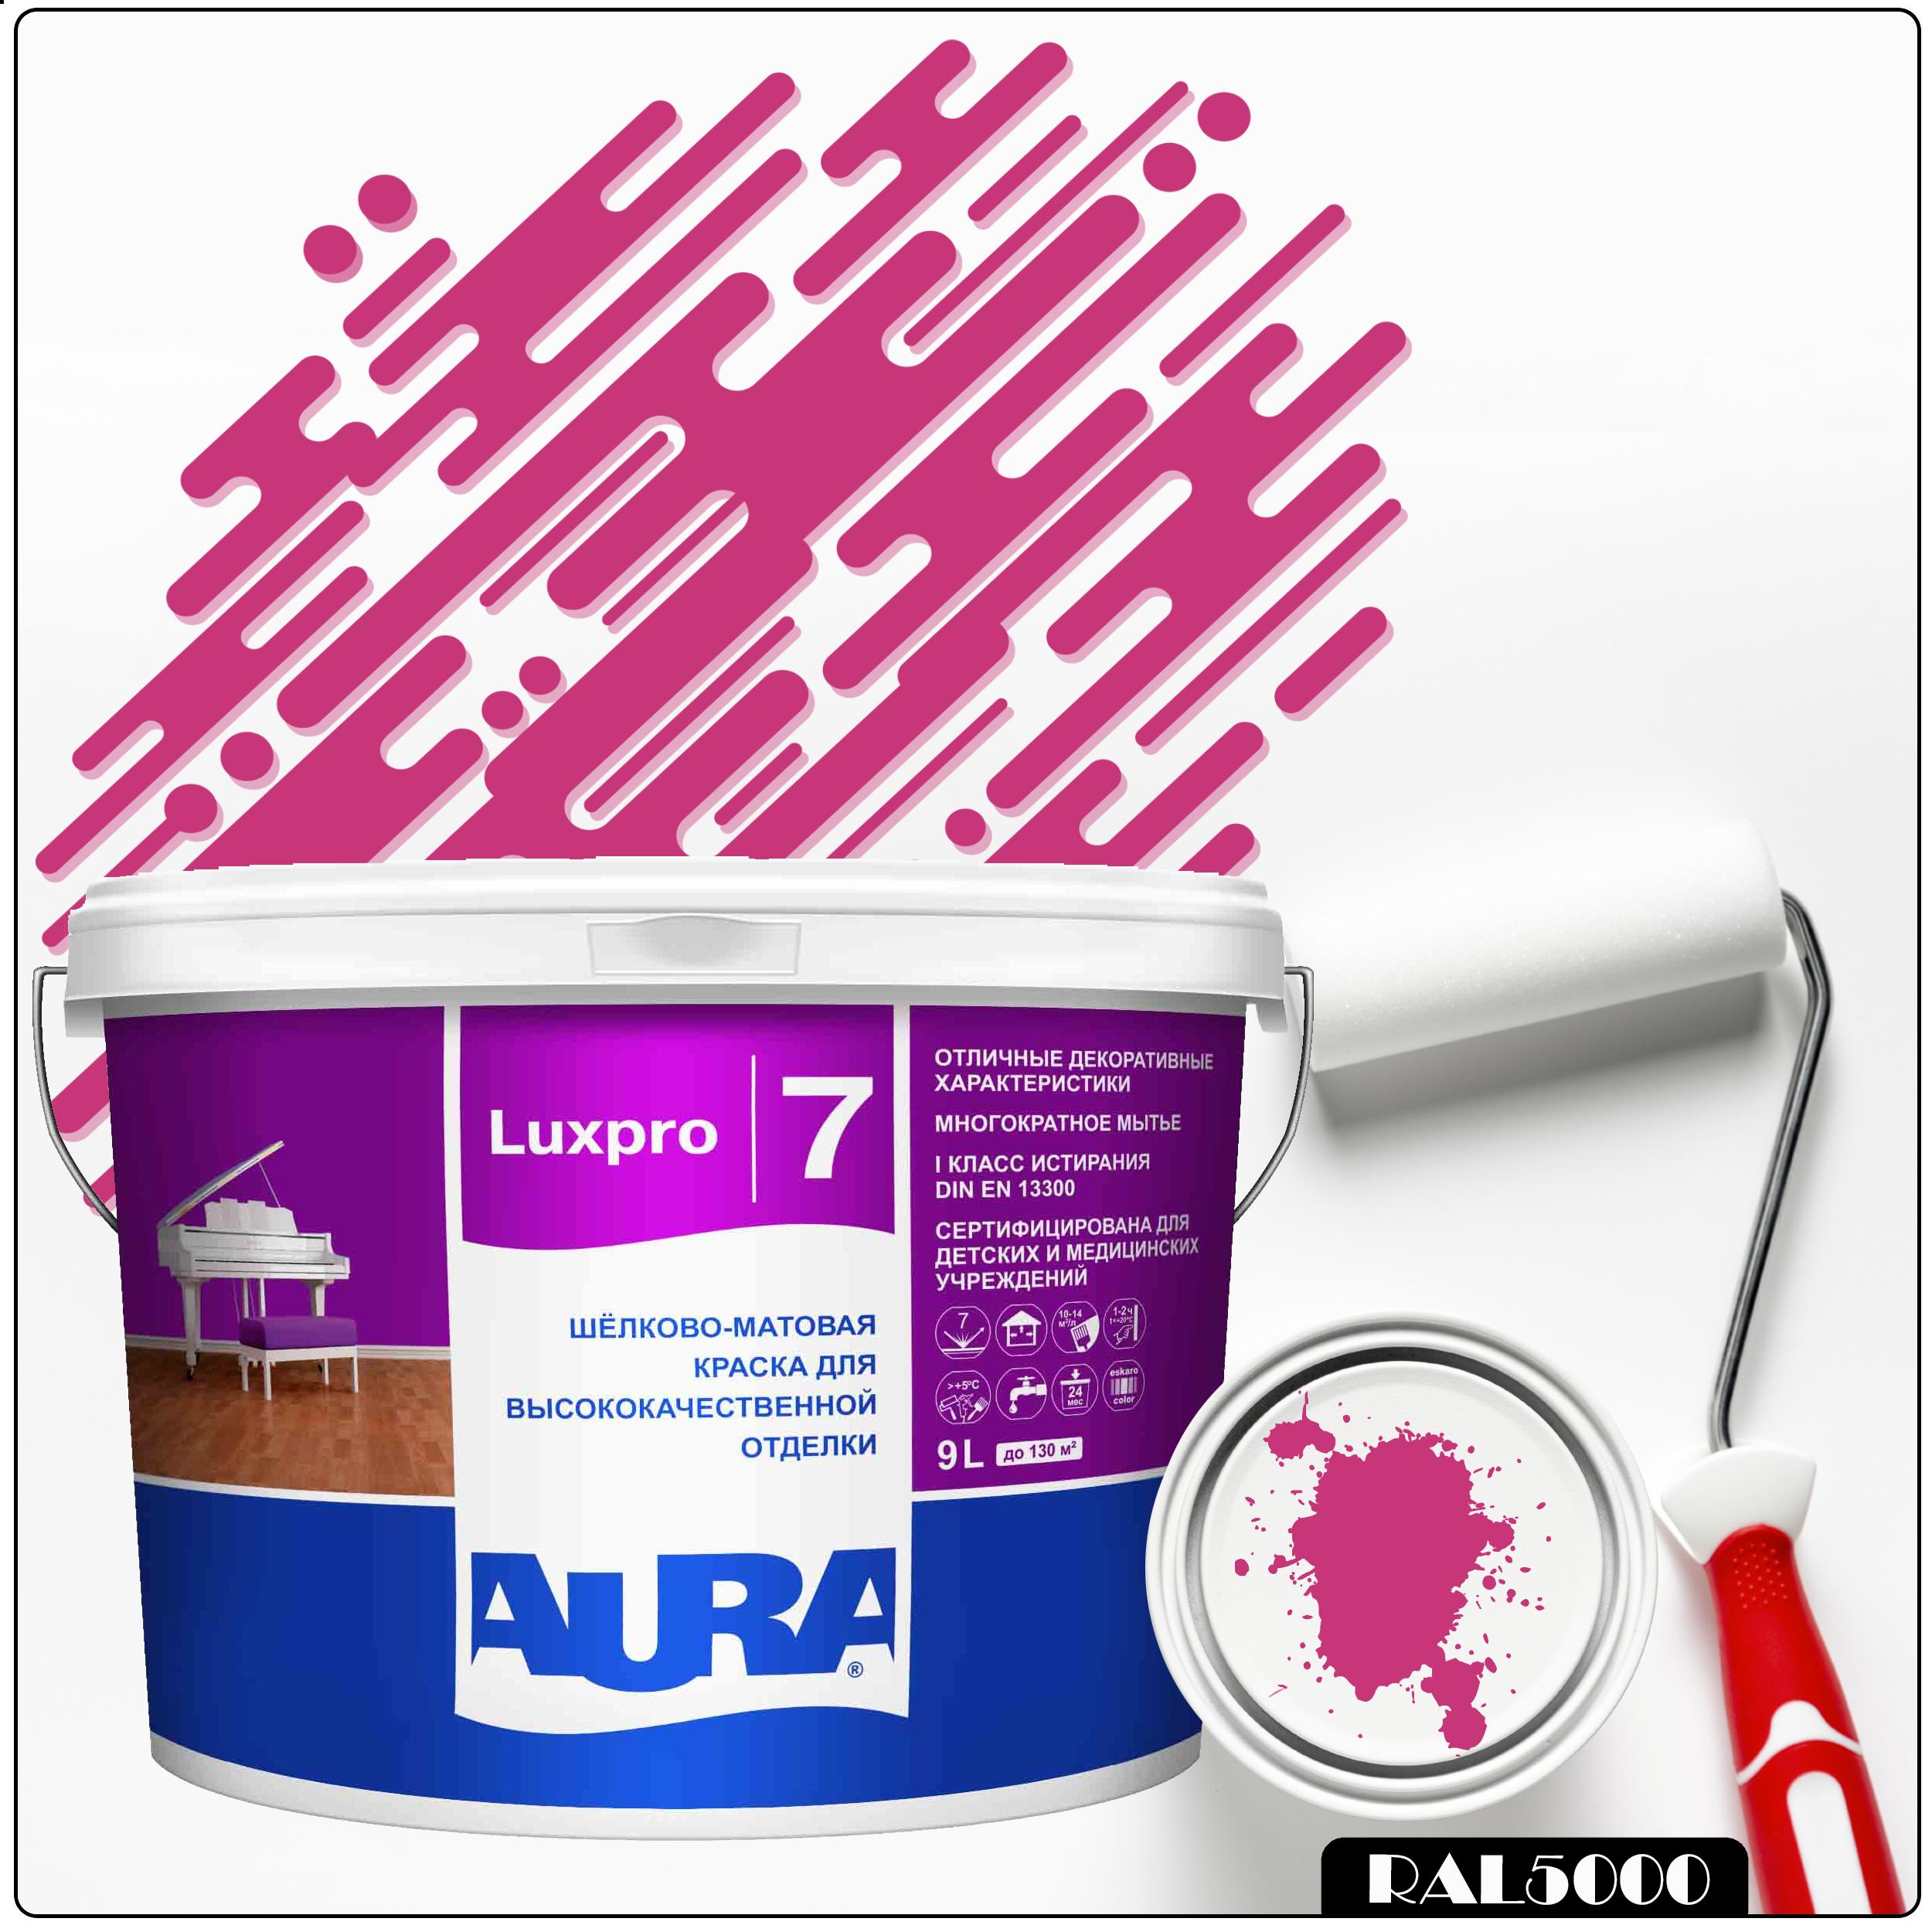 Фото 1 - Краска Aura LuxPRO 7, RAL 5000 Фиолетово-синий, латексная, шелково-матовая, интерьерная, 9л, Аура.